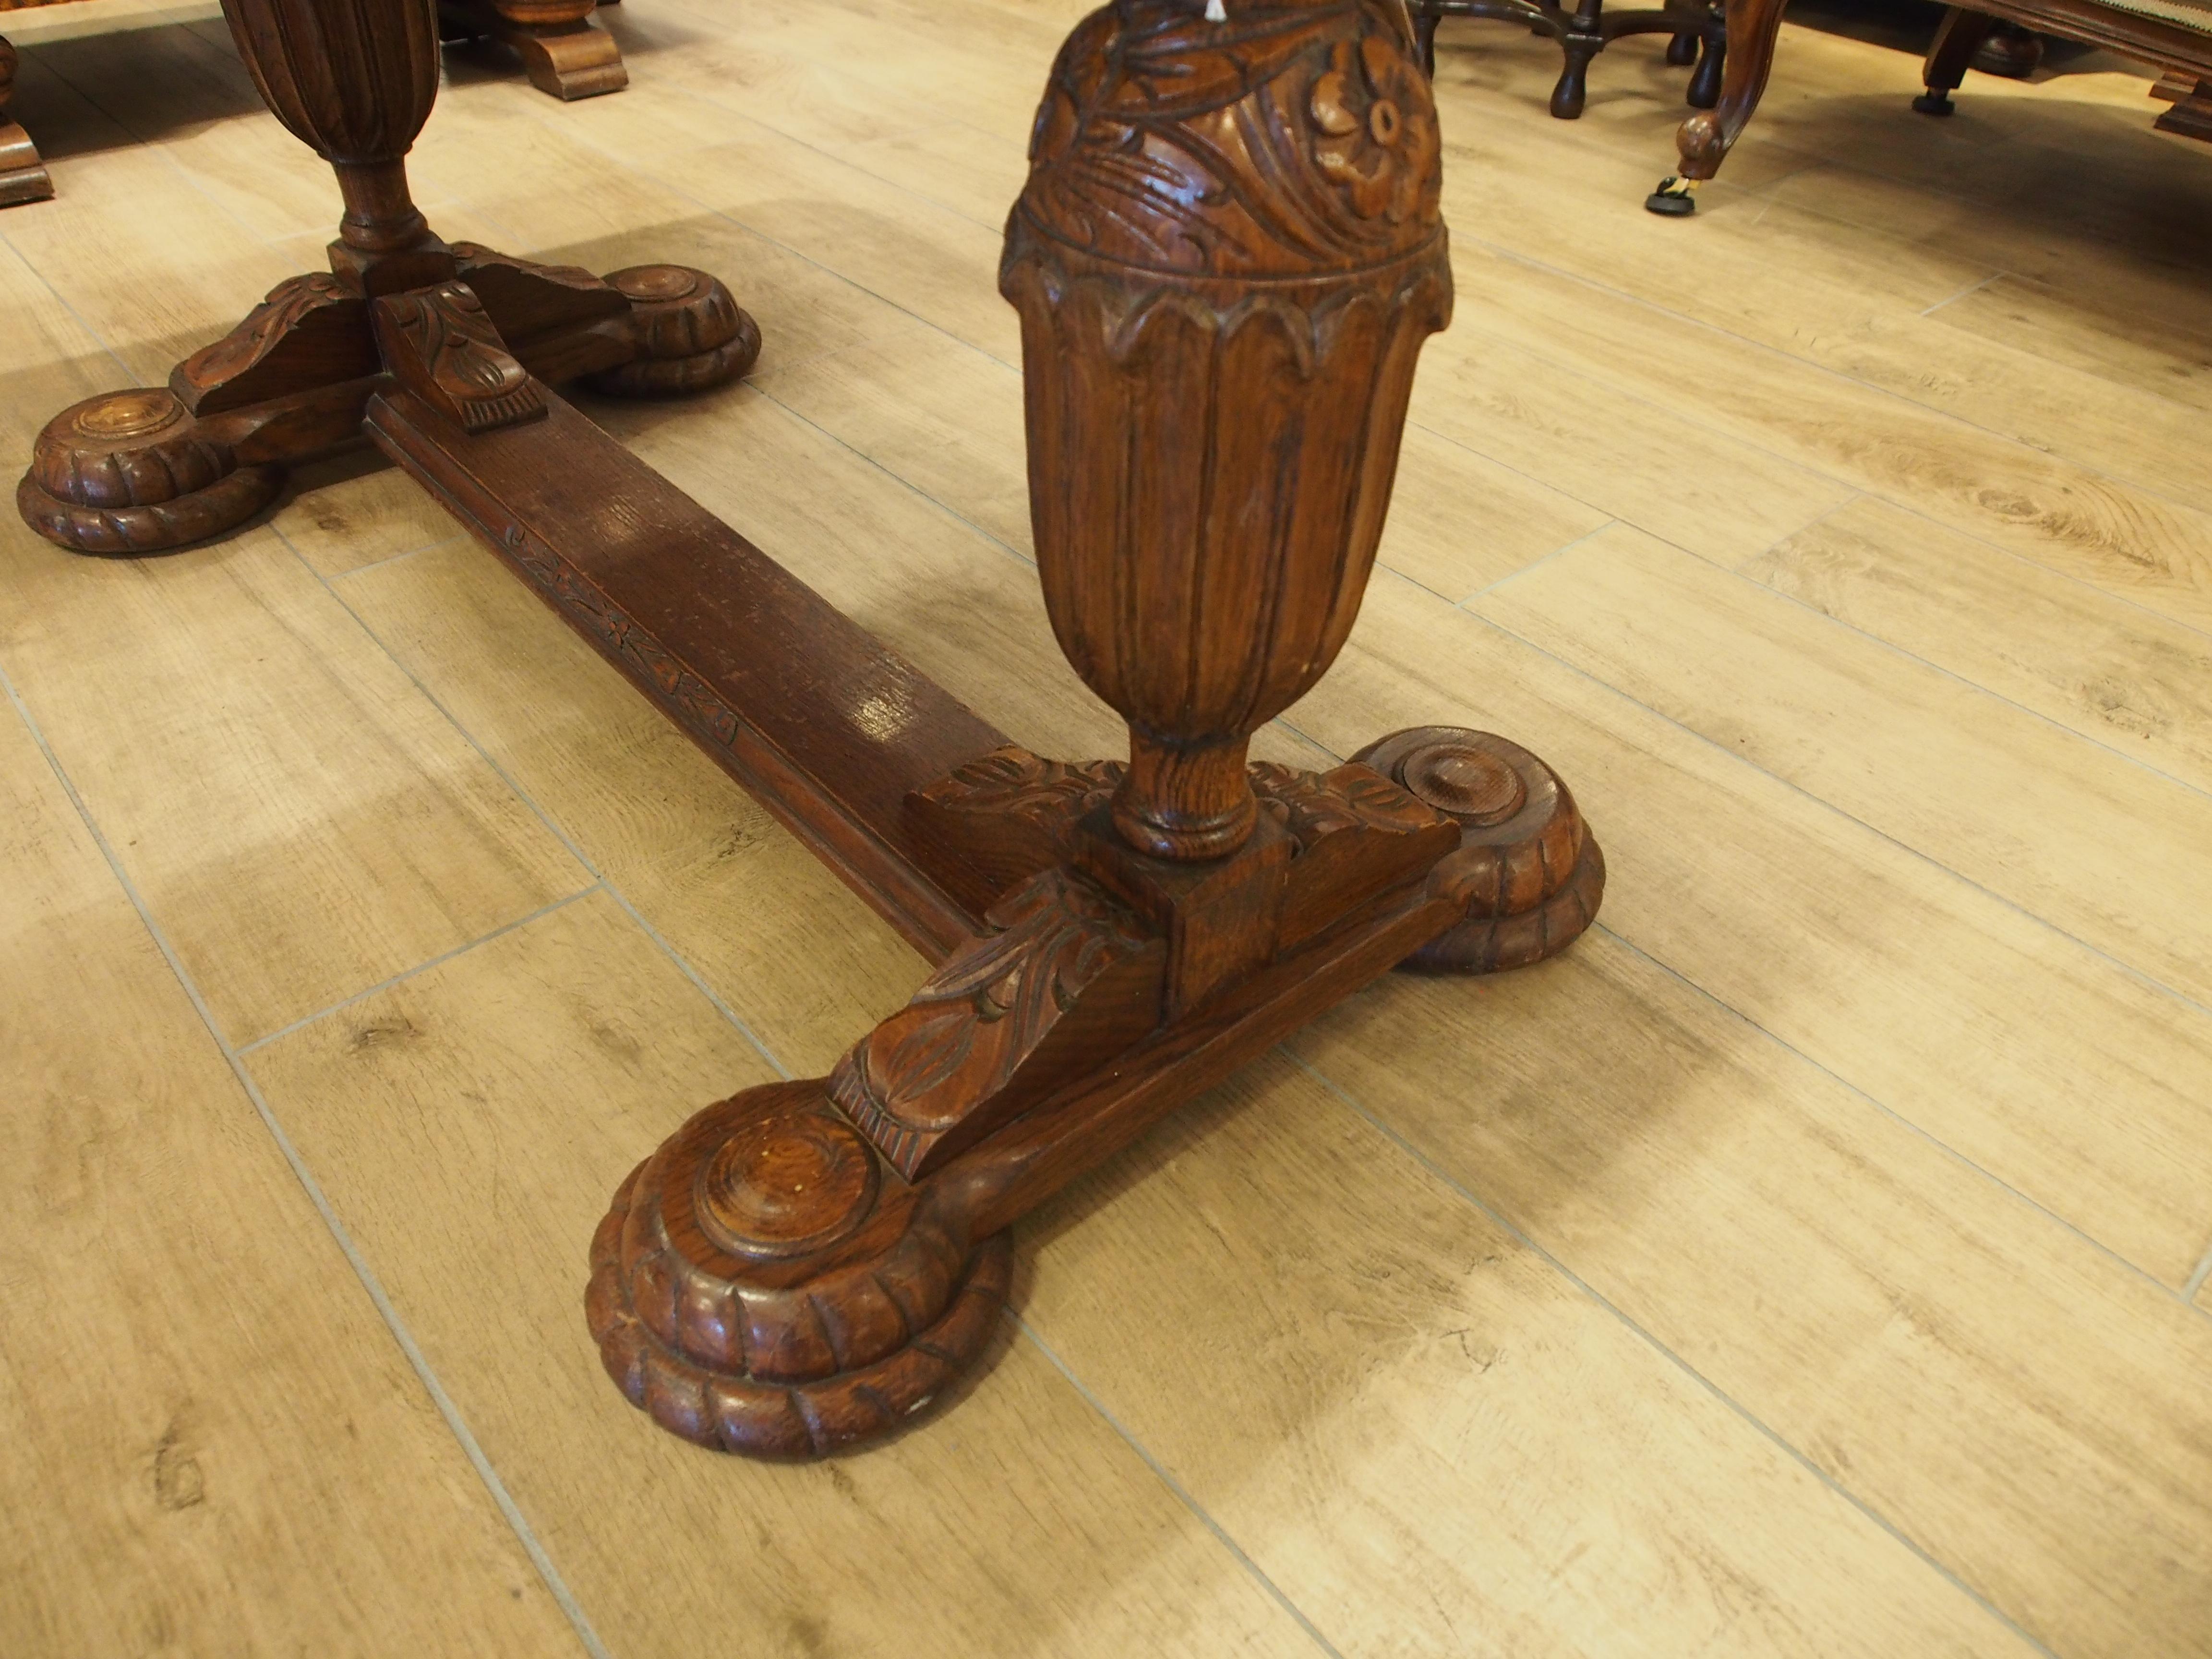 アンティーク家具 箕面 ダイニングテーブル テーブル 伸縮式 二本脚 ドローリーフテーブル カップアンドカバー 彫刻 ヴィンテージ家具 ビンテージ家具 イギリスアンティーク家具  イギリス 英国家具 イギリス家具